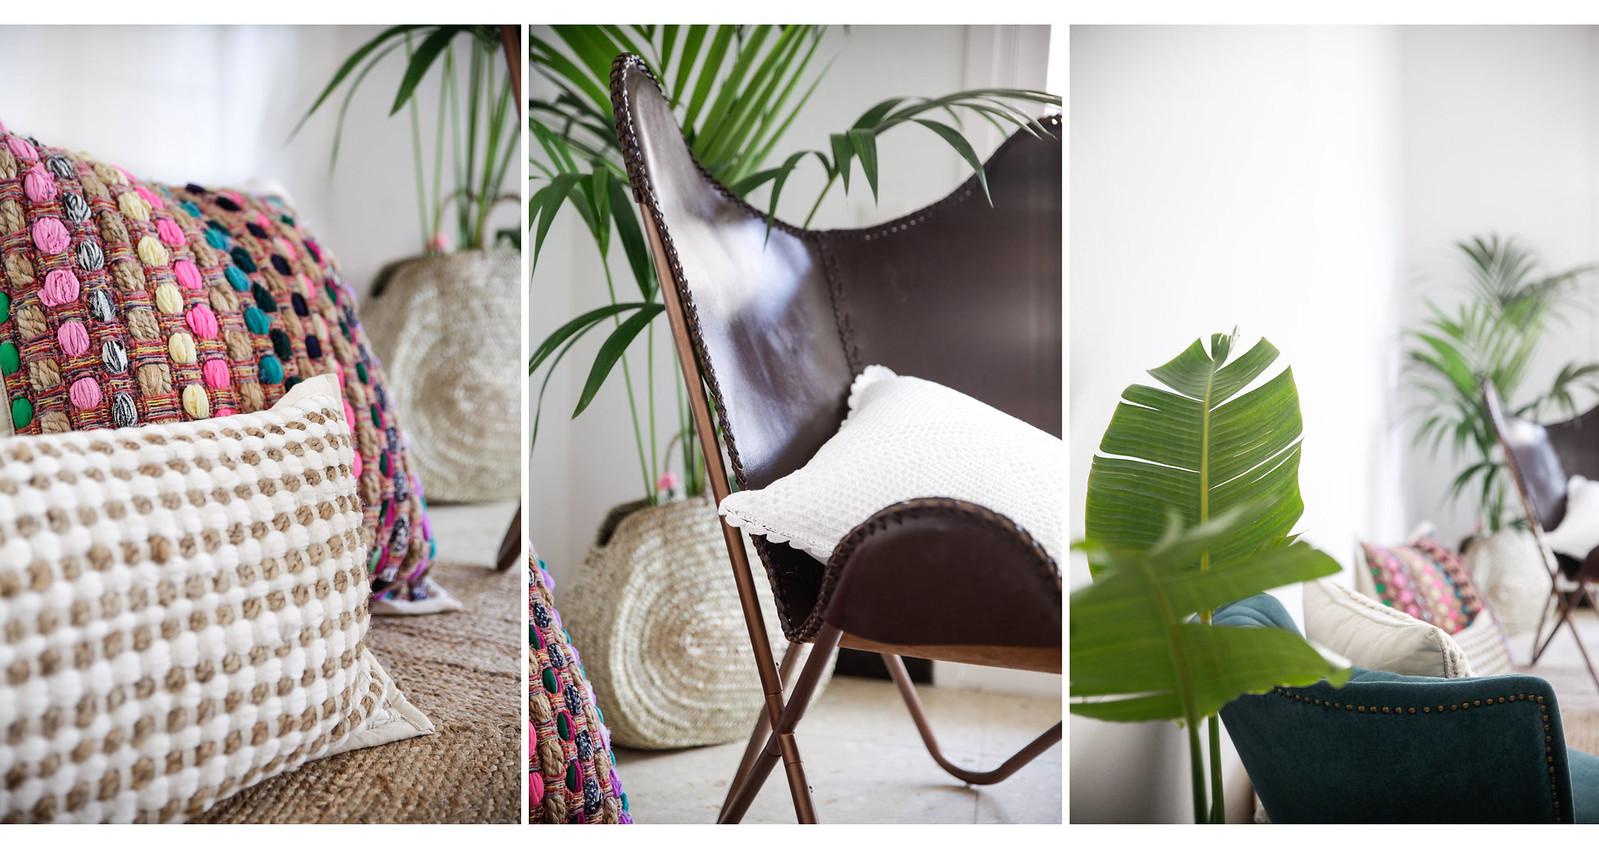 02_calma_house_ideas_decoracion_casa_cojines_bonitos_barcelona_boho_deco_theguestgirl_house_aloha_style_palmeras_casa_interior